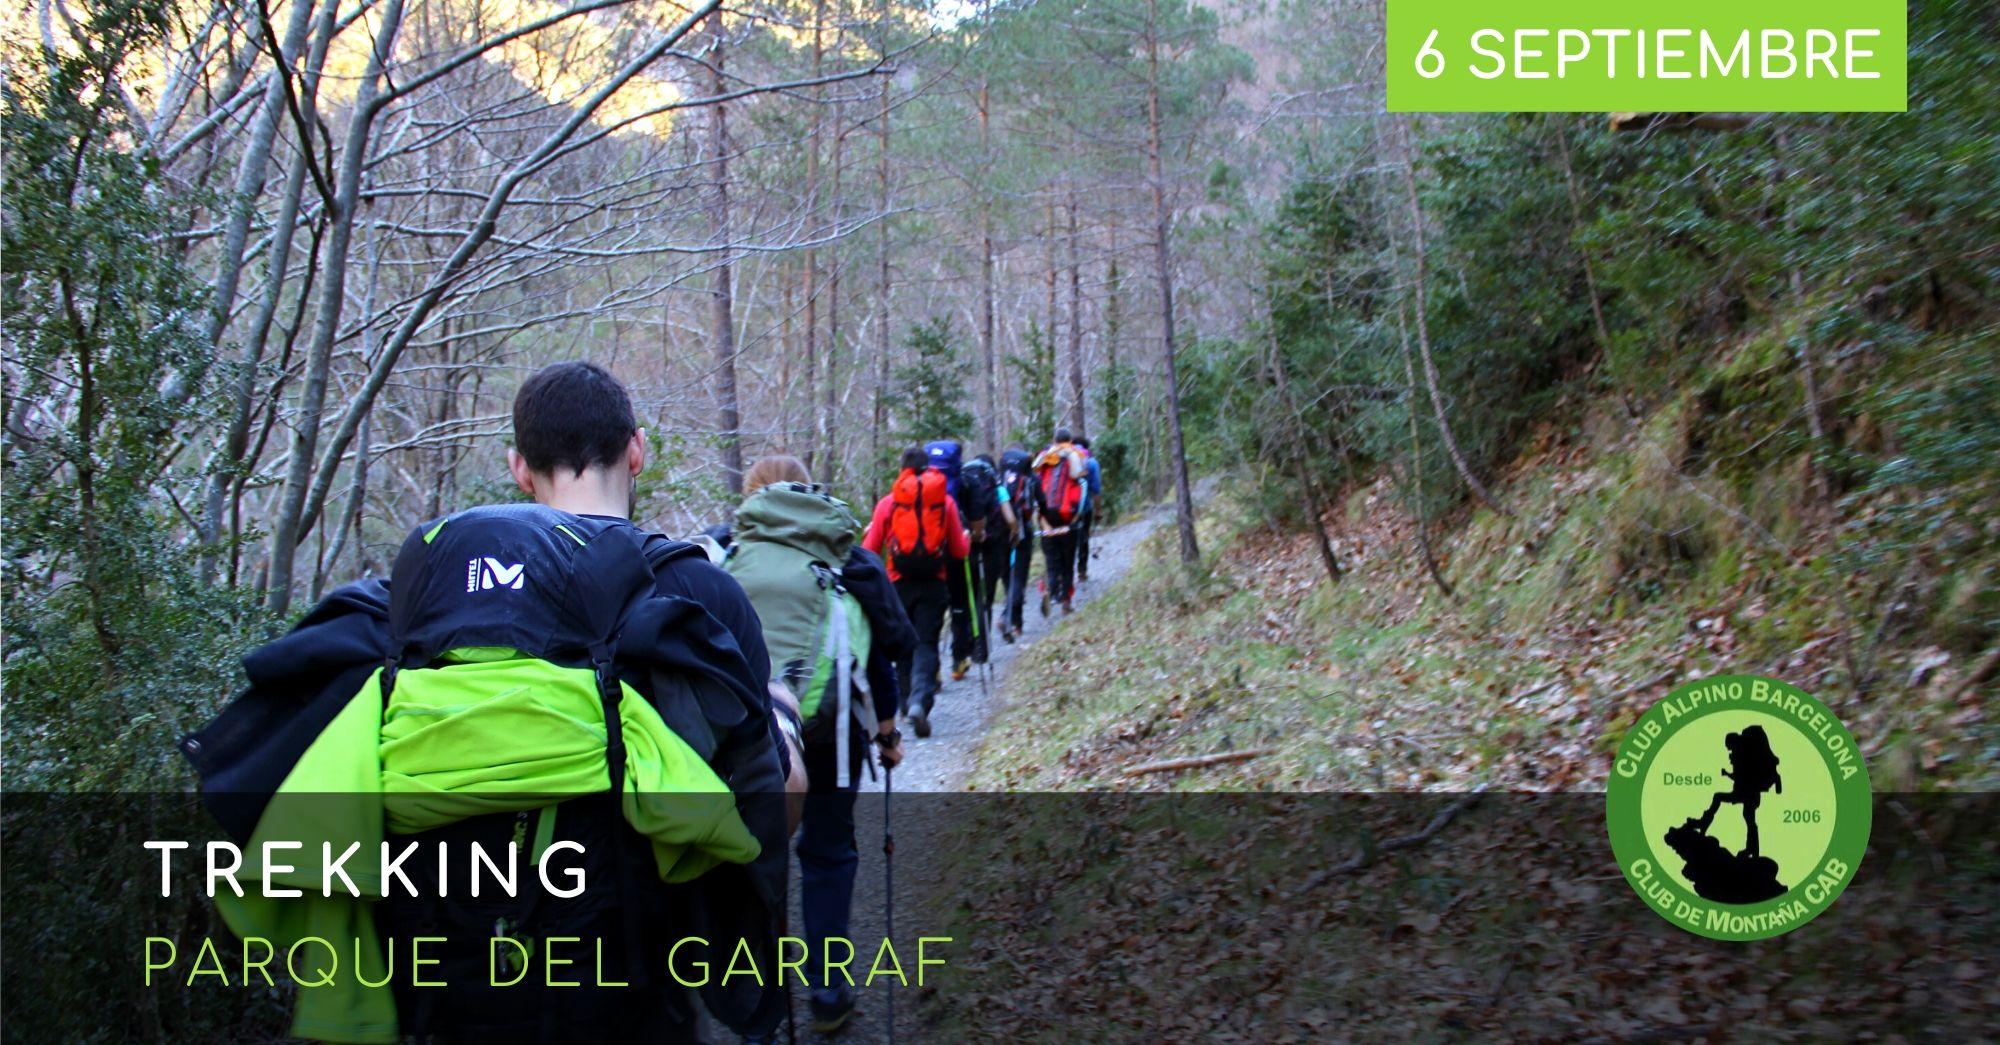 TREKKING PARC DEL GARRAF